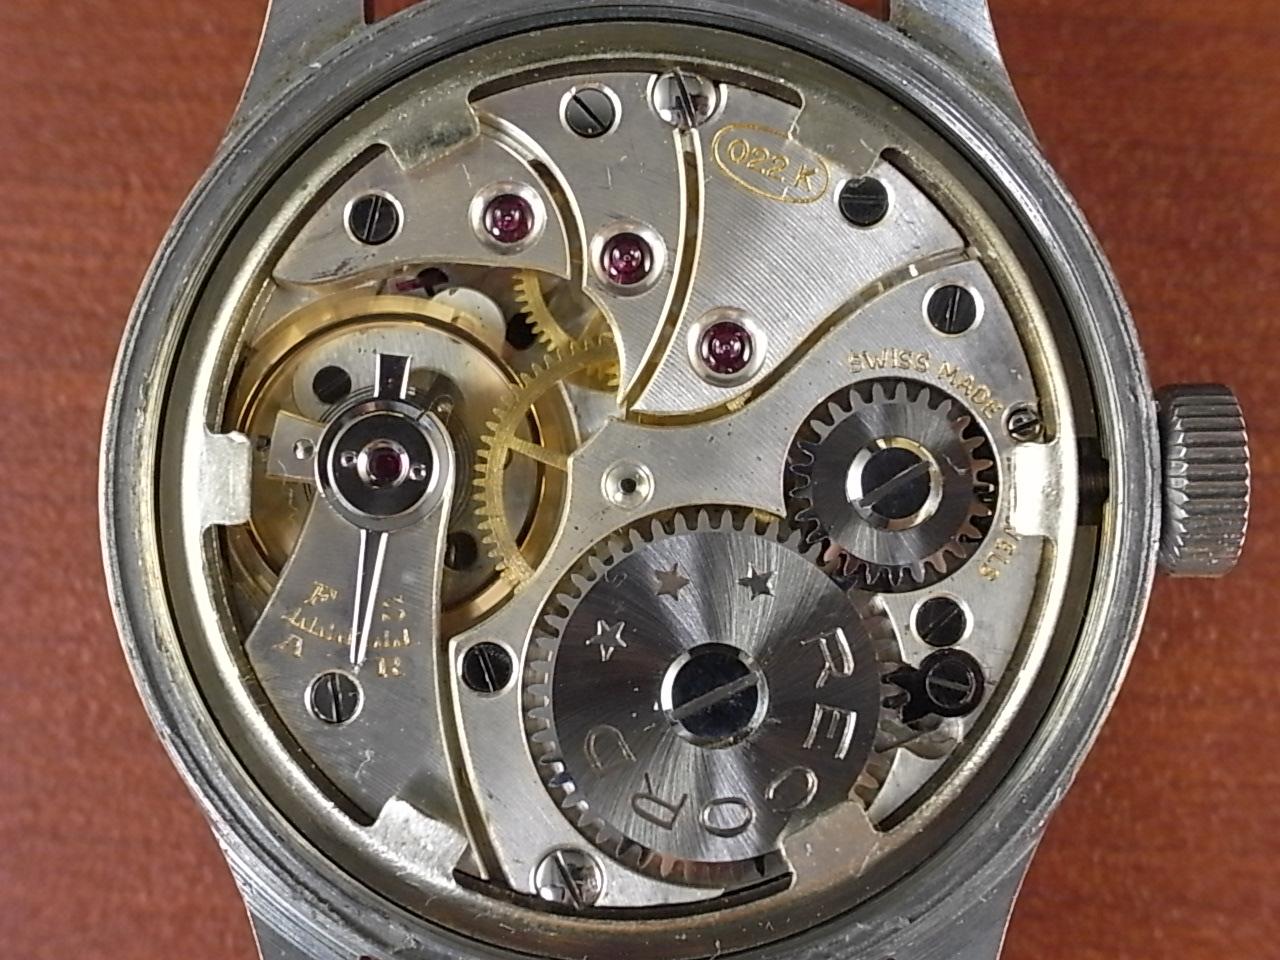 レコード 軍用時計 イギリス陸軍 W.W.W. 第二次世界大戦 1940年代の写真5枚目